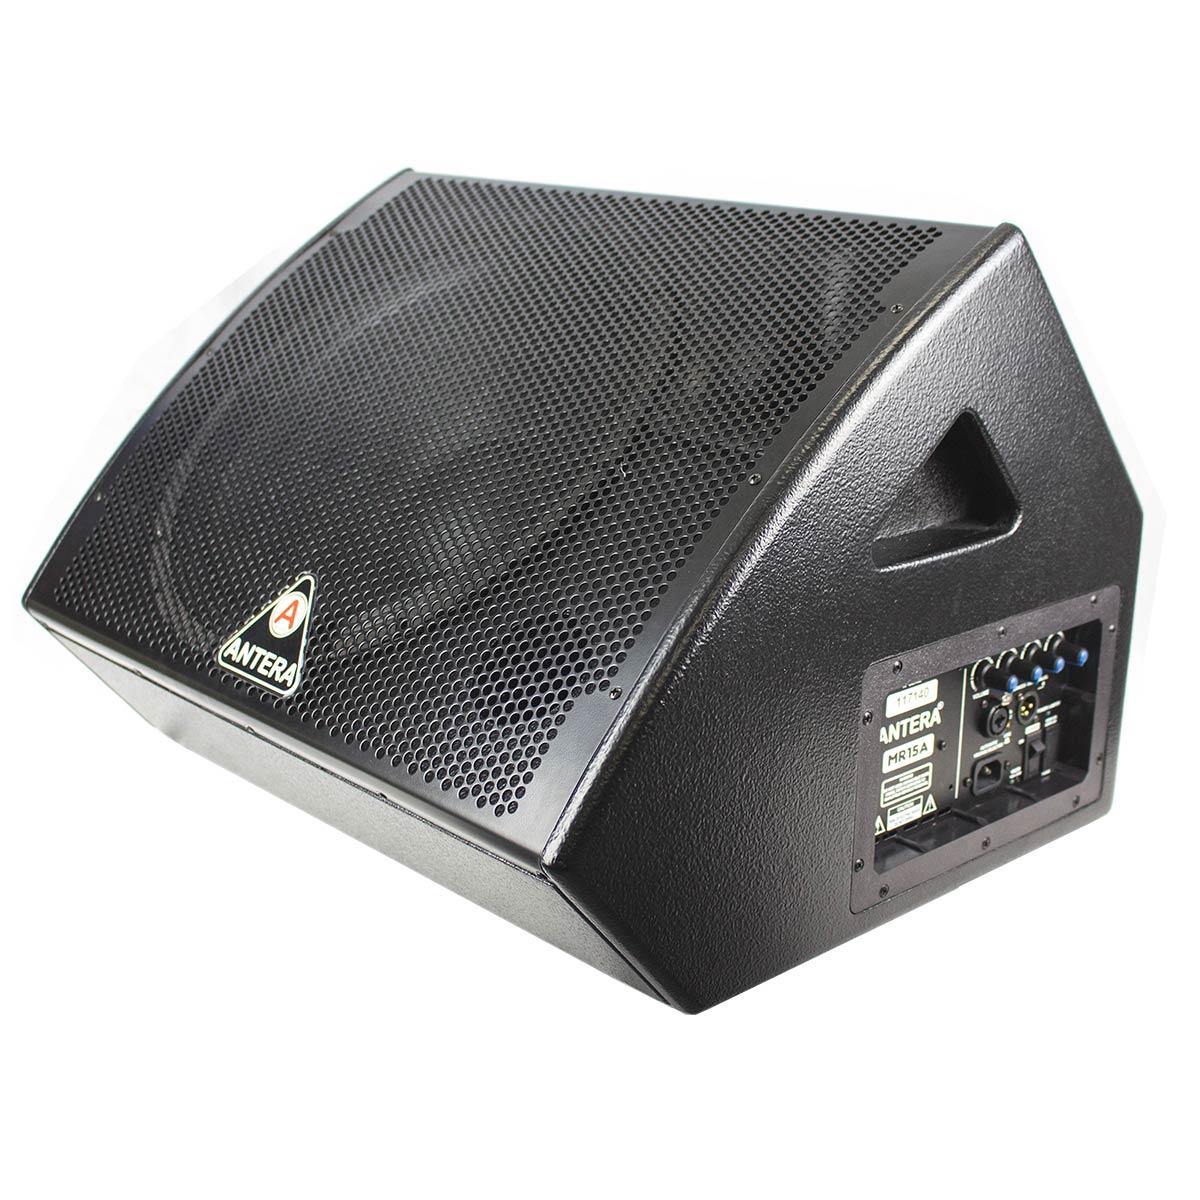 Monitor Ativo Fal 15 Pol 200W - MR 15 A Antera